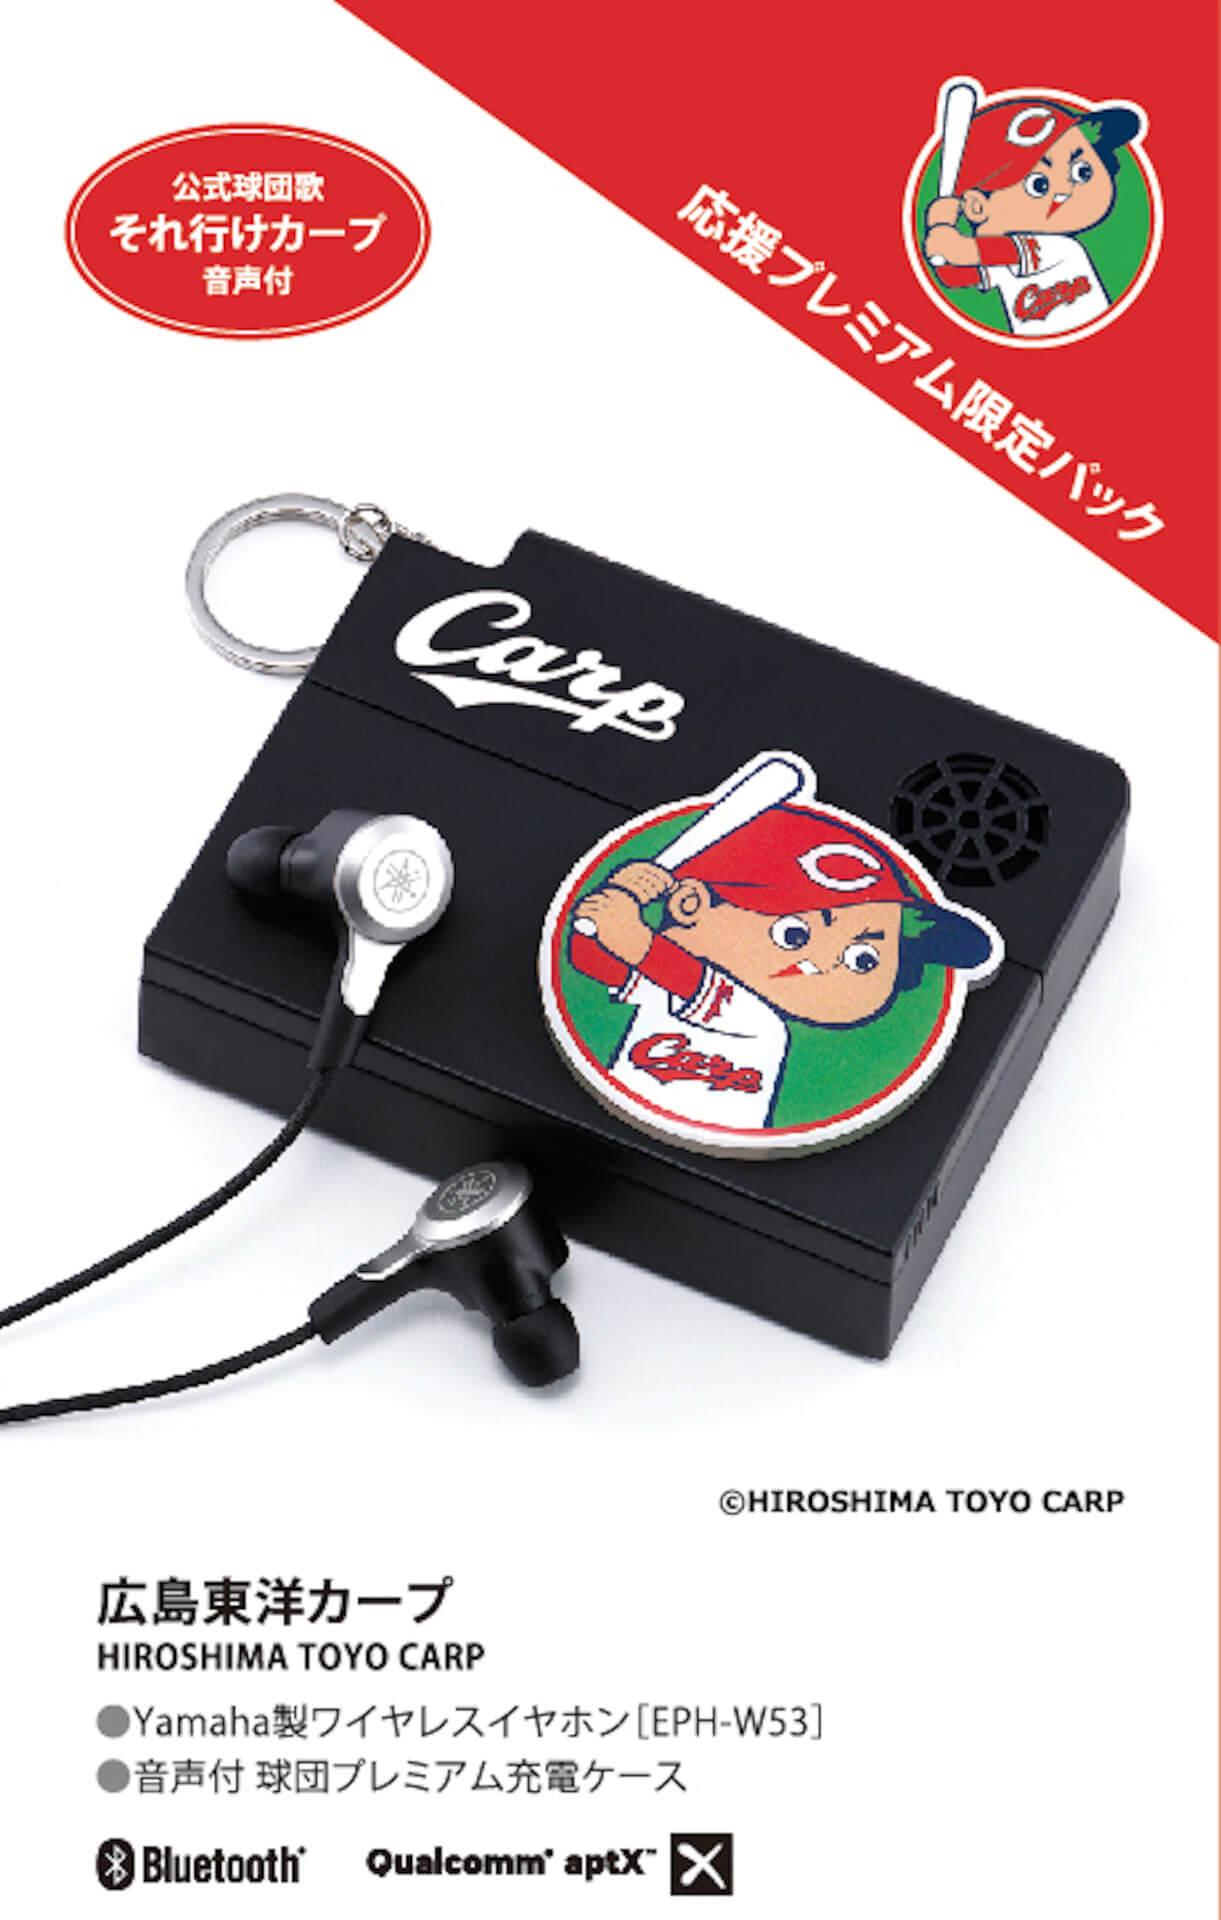 ホークス、タイガースにカープも!ワイヤレスイヤホンとプロ野球10球団別ロゴ入り充電ケースのセットが限定発売 tech191101_baseball_earphone_16